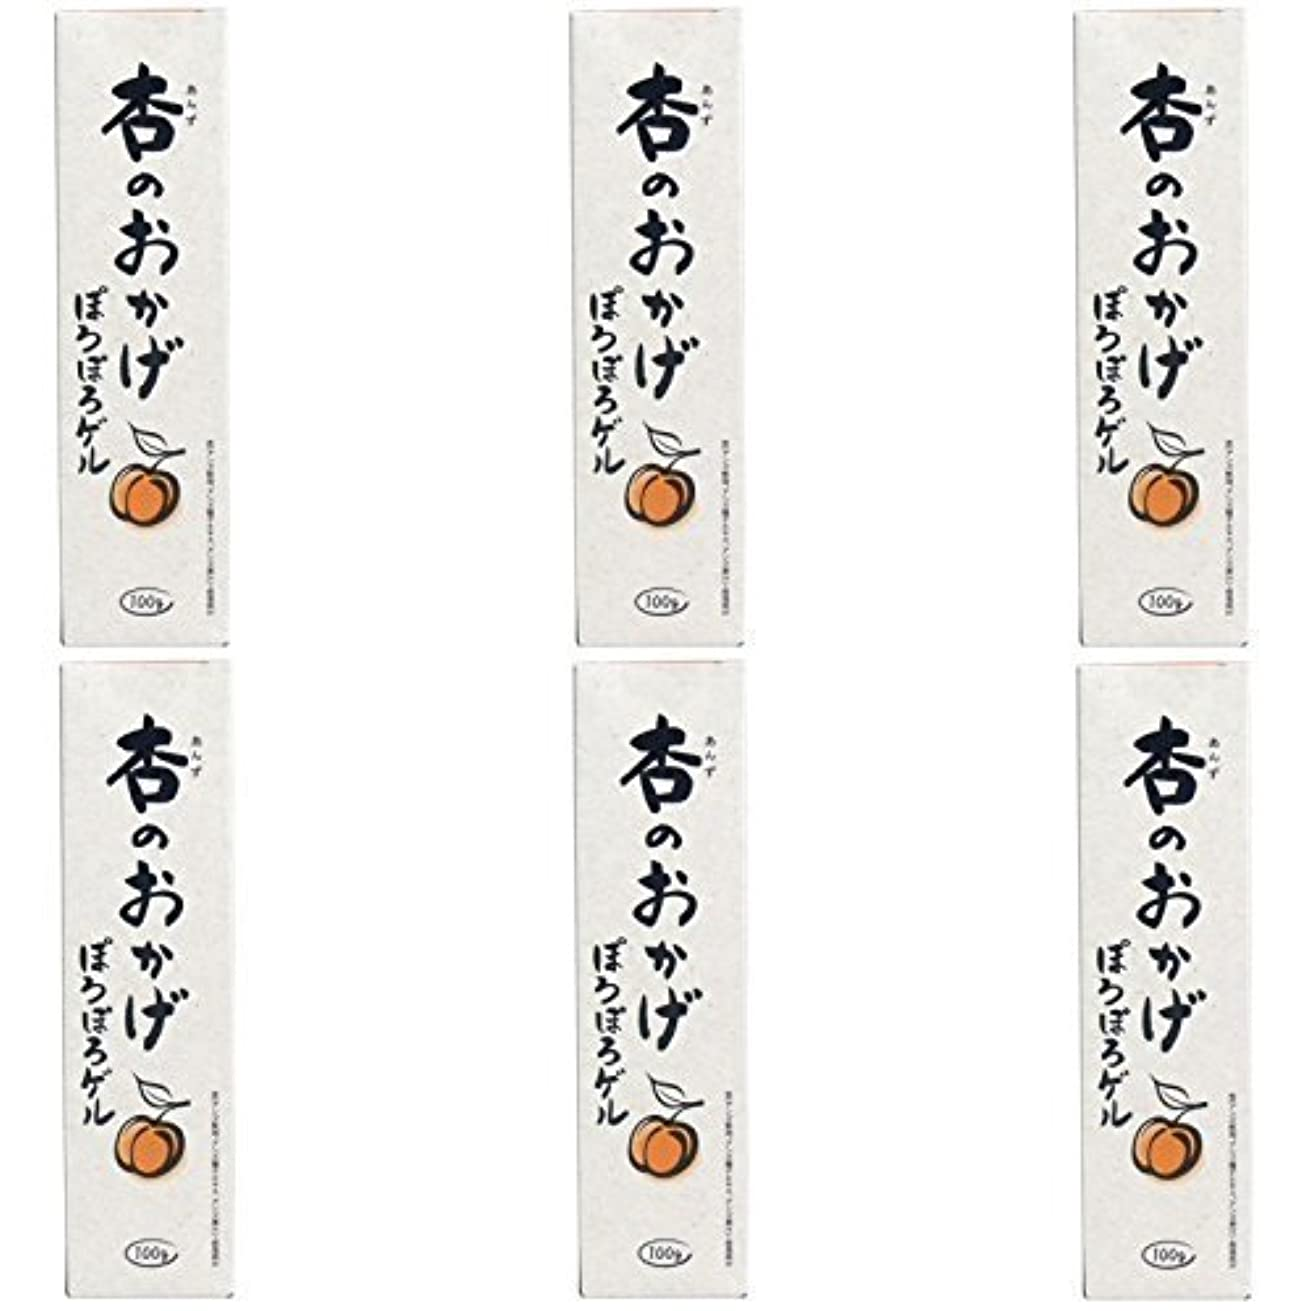 不透明な虐殺言及する【まとめ買い】杏のおかげ ぽろぽろゲル 100g【×6個】